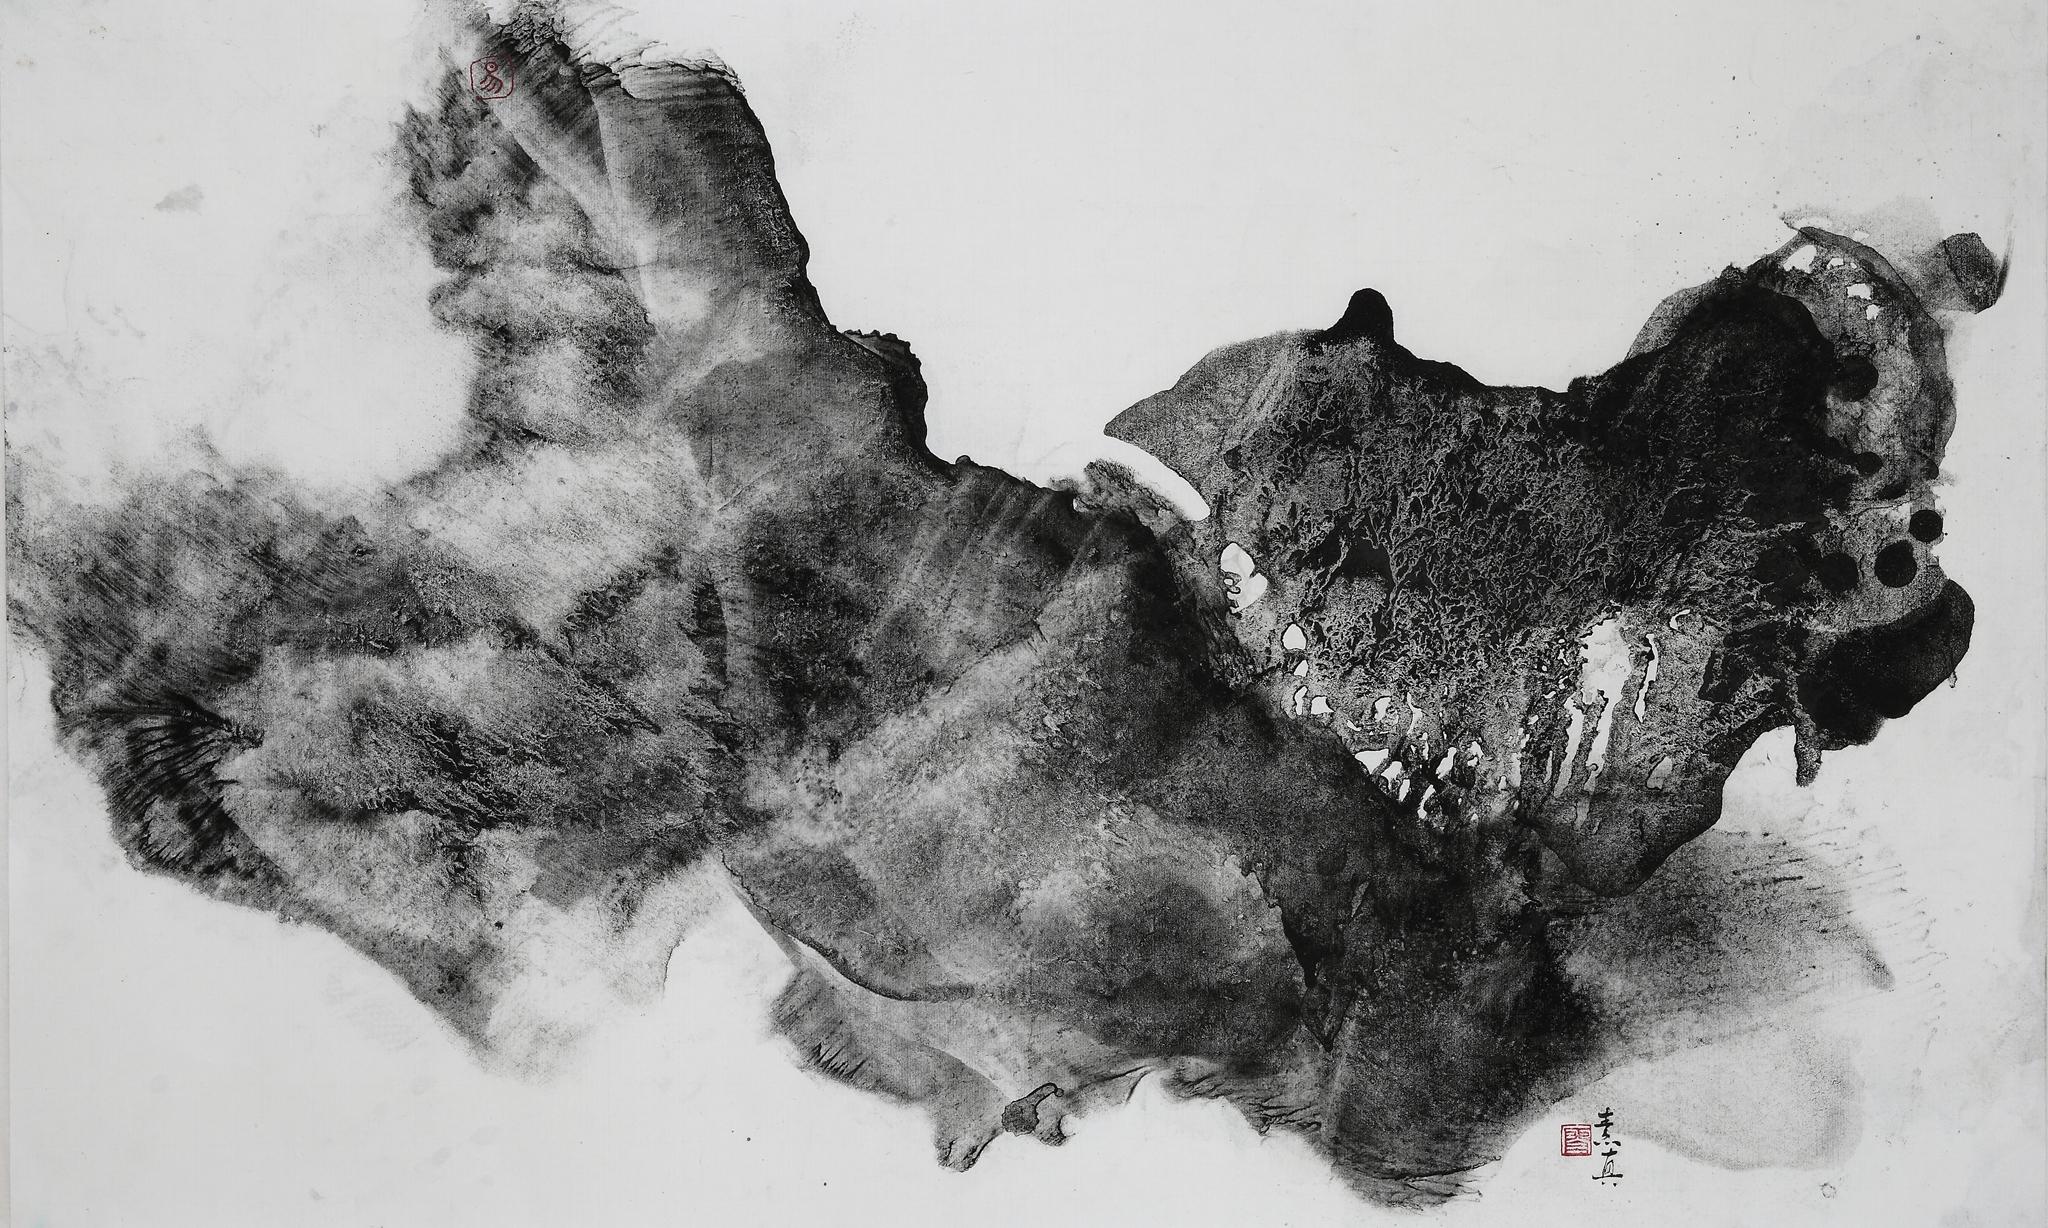 四十餘歲開始習畫 藝術家廖素真展女力之美